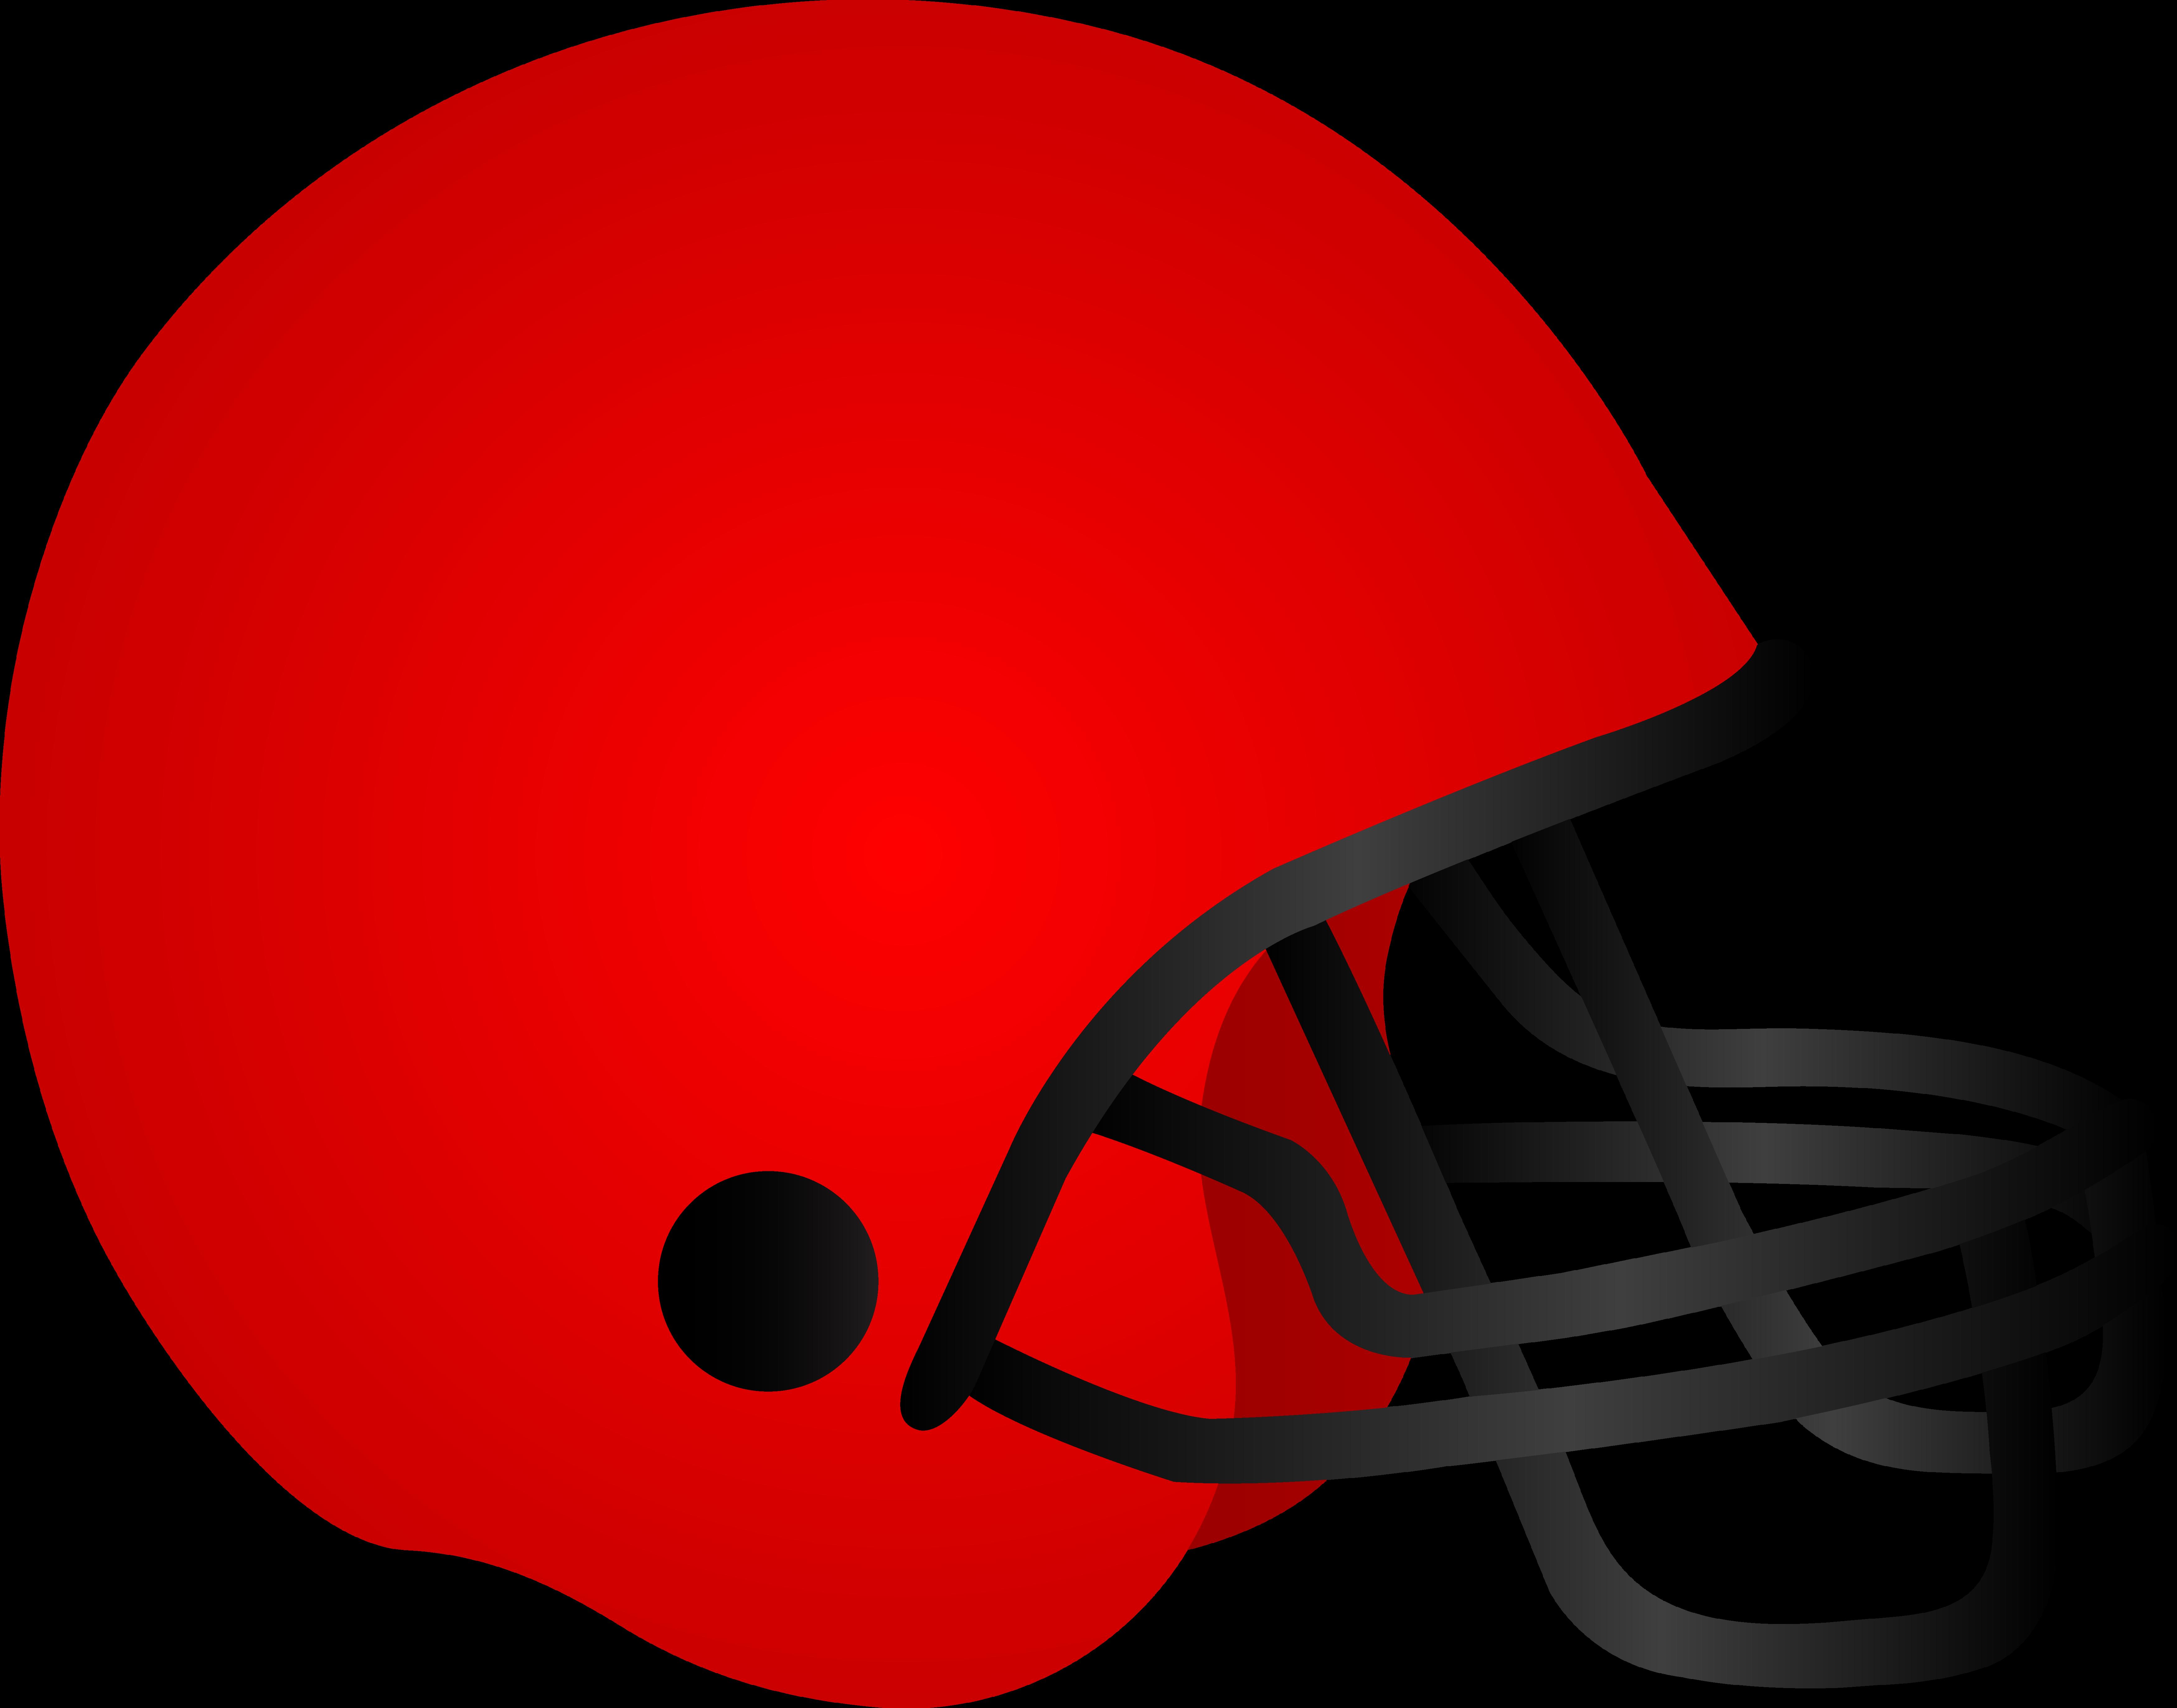 Red football helmet clipart.